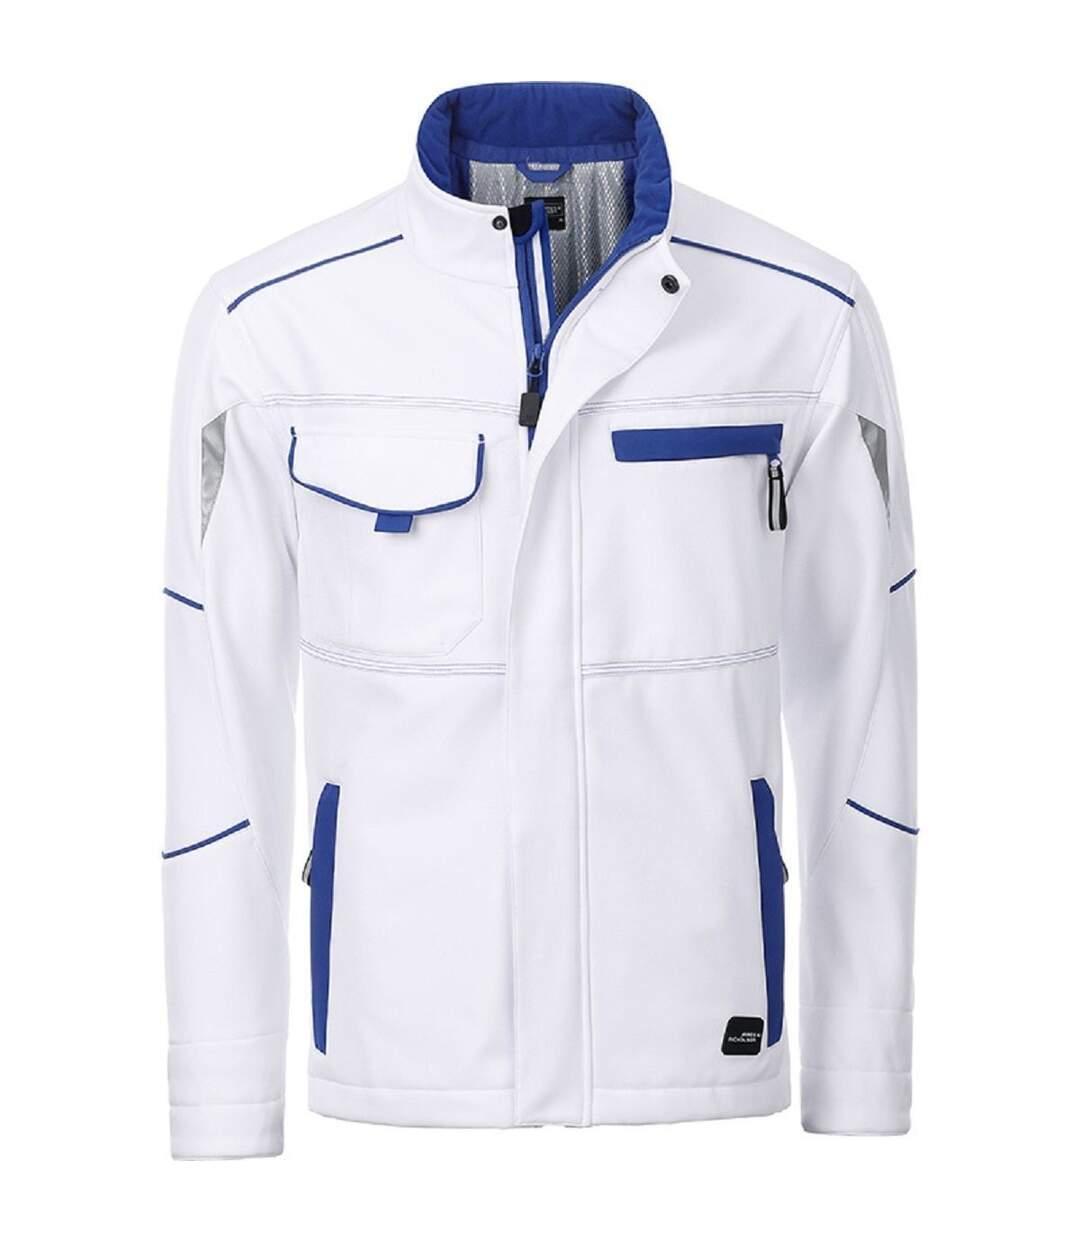 Veste de travail matelassée softshell unisexe - JN853 - blanc